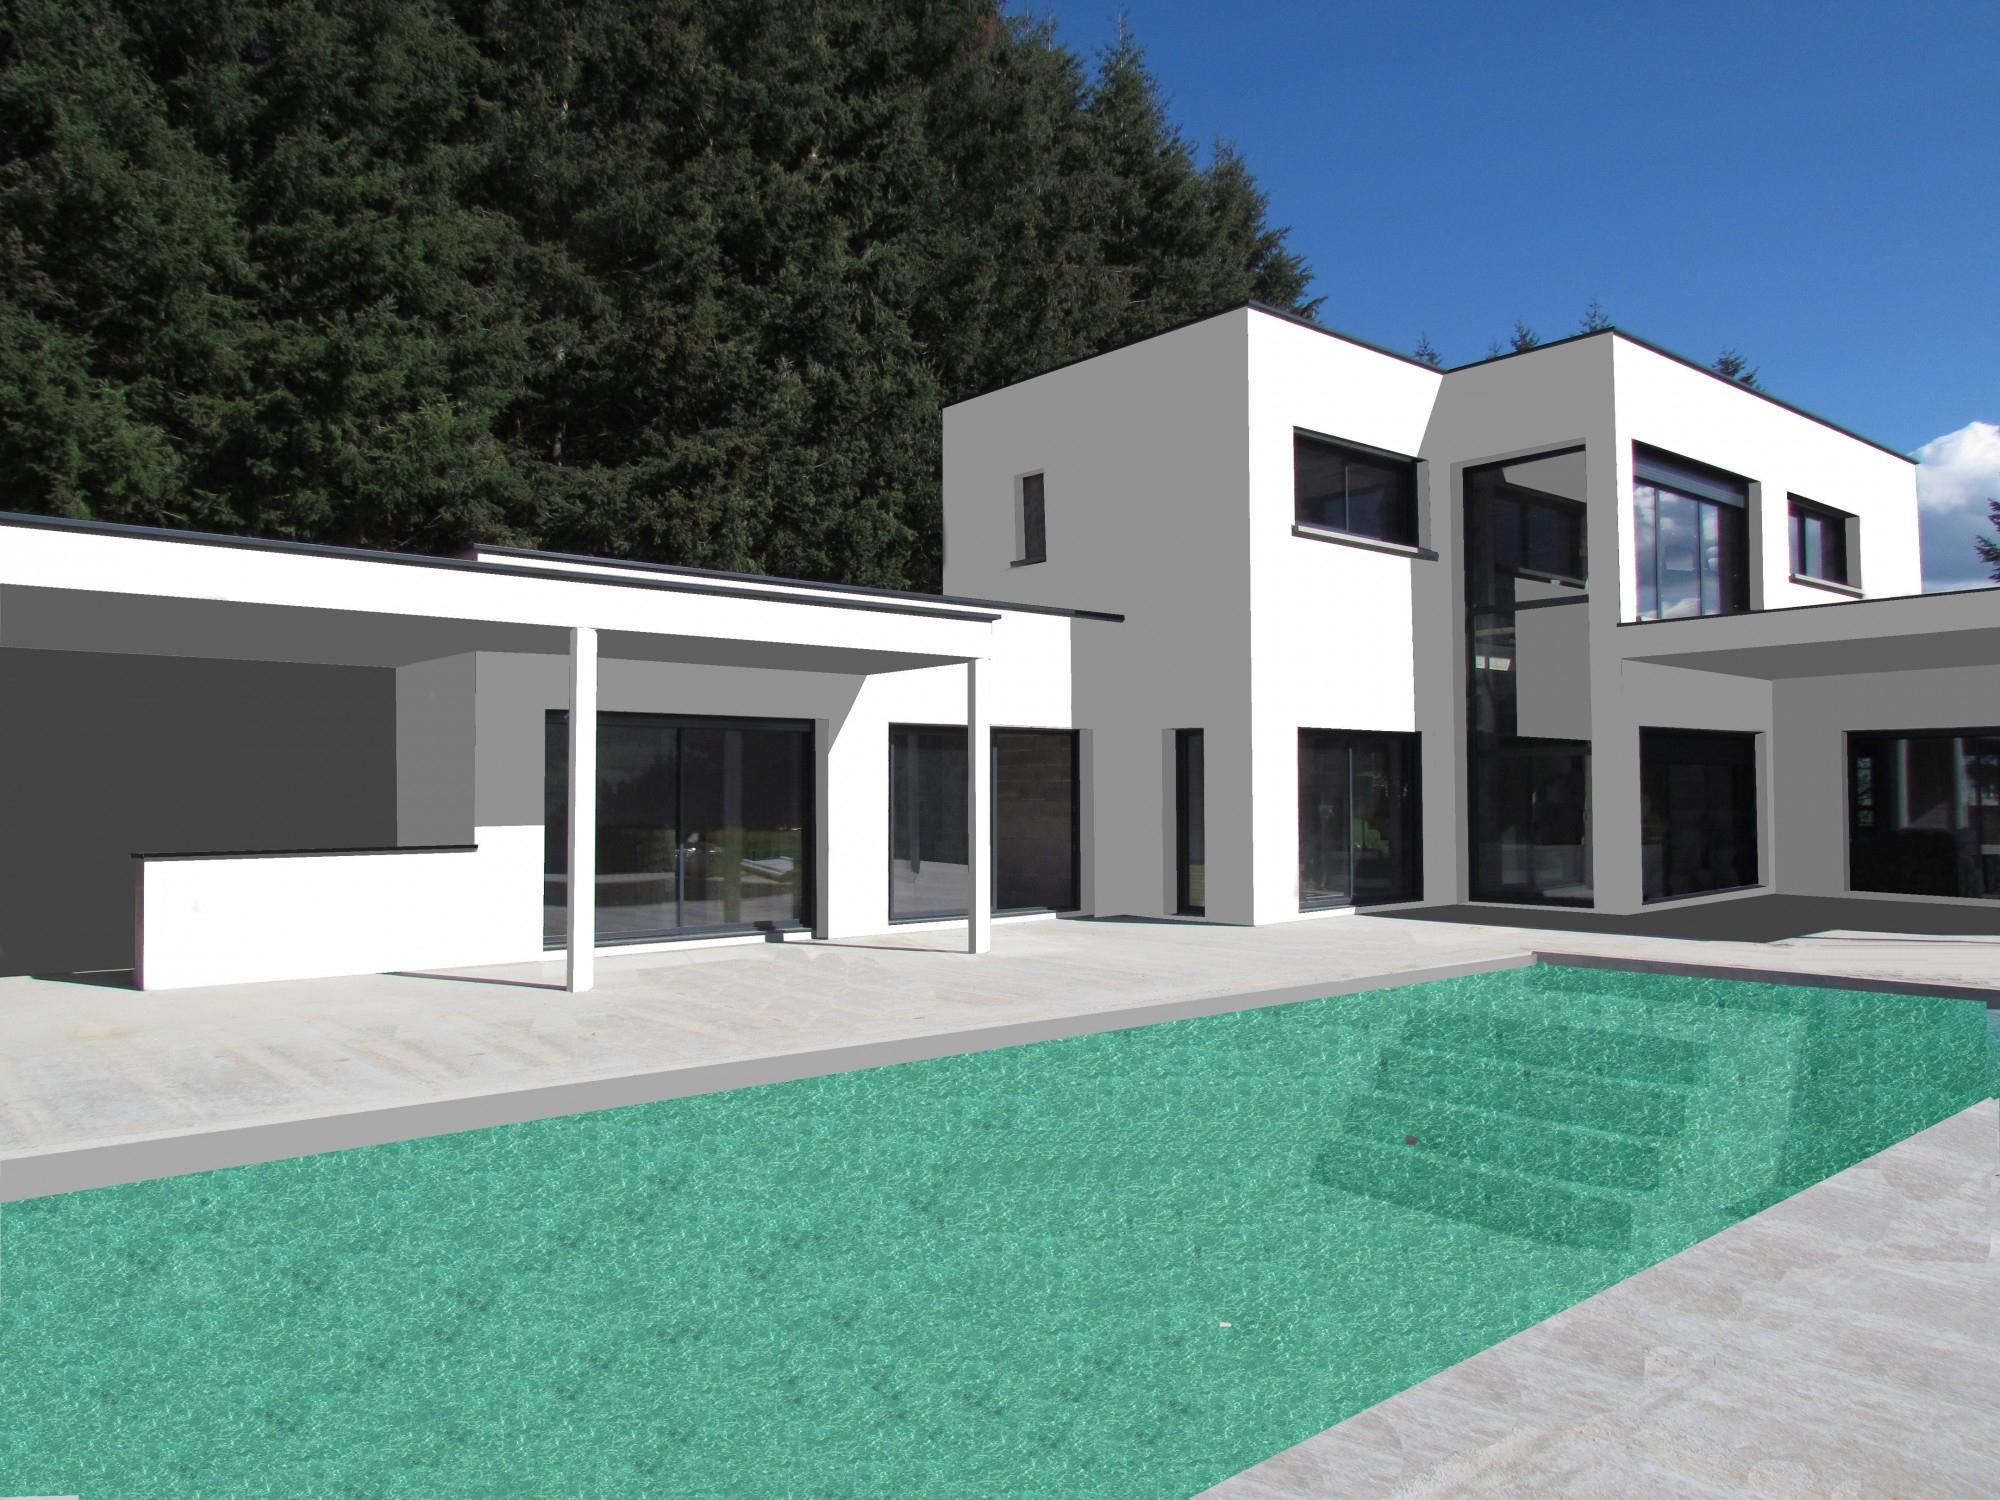 Bureau D'études Pour Construction De Maison Avec Toit ... intérieur Terrasse Toit Plat